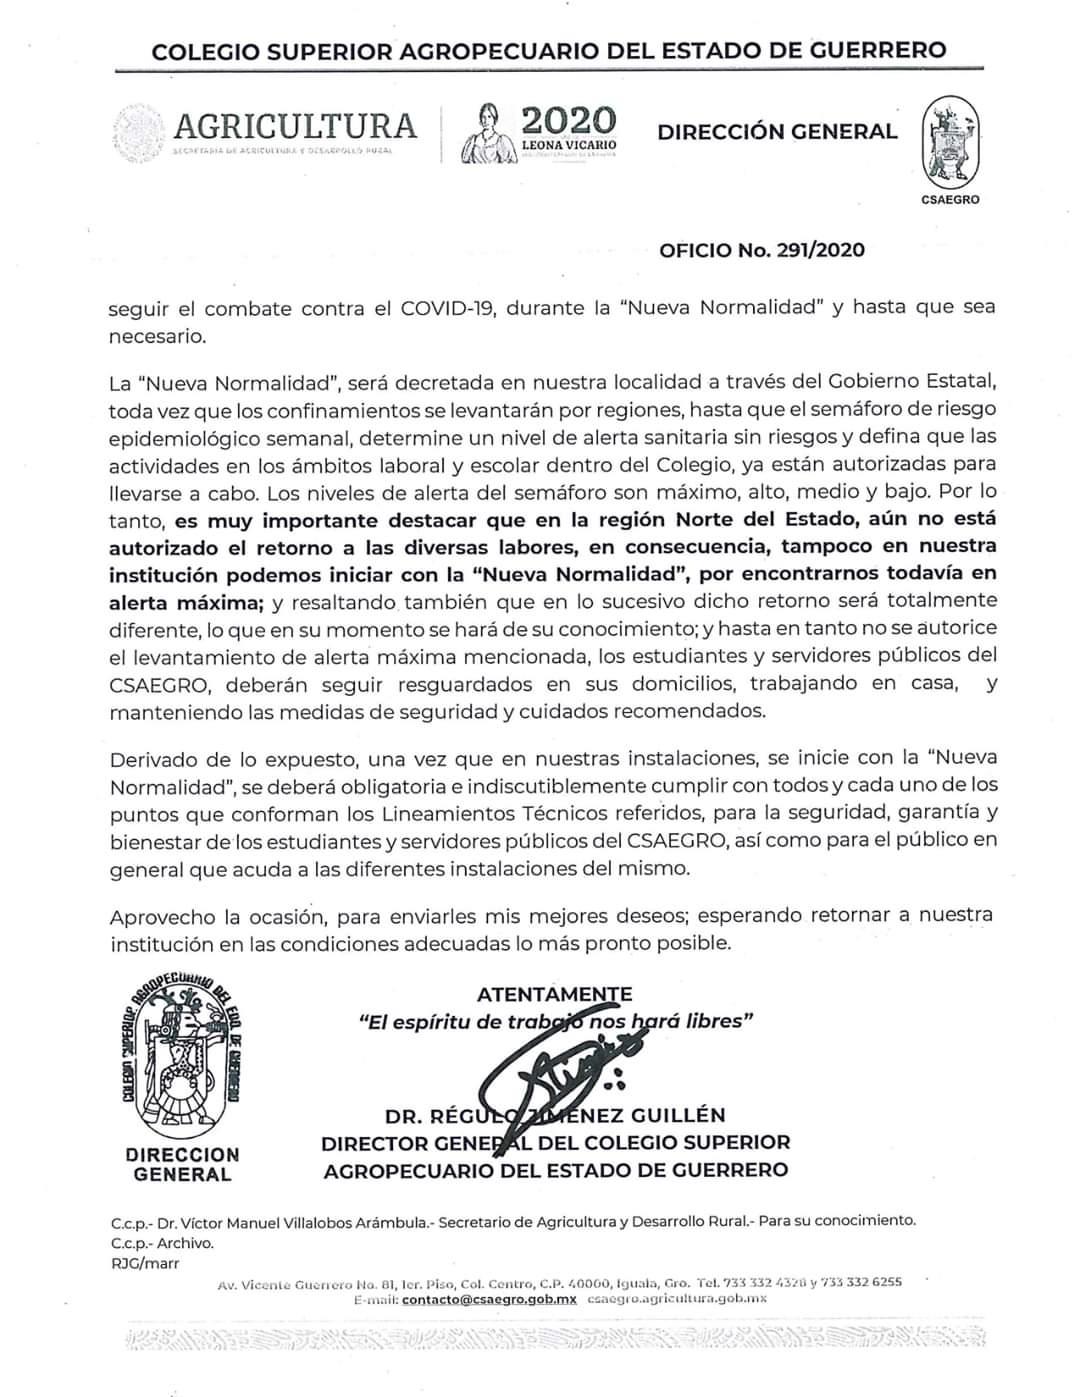 Oficio No.291/2020 Comunicado a Servidores Públicos, Personal y Comunidad Estudiantil del CSAEGRO(2)